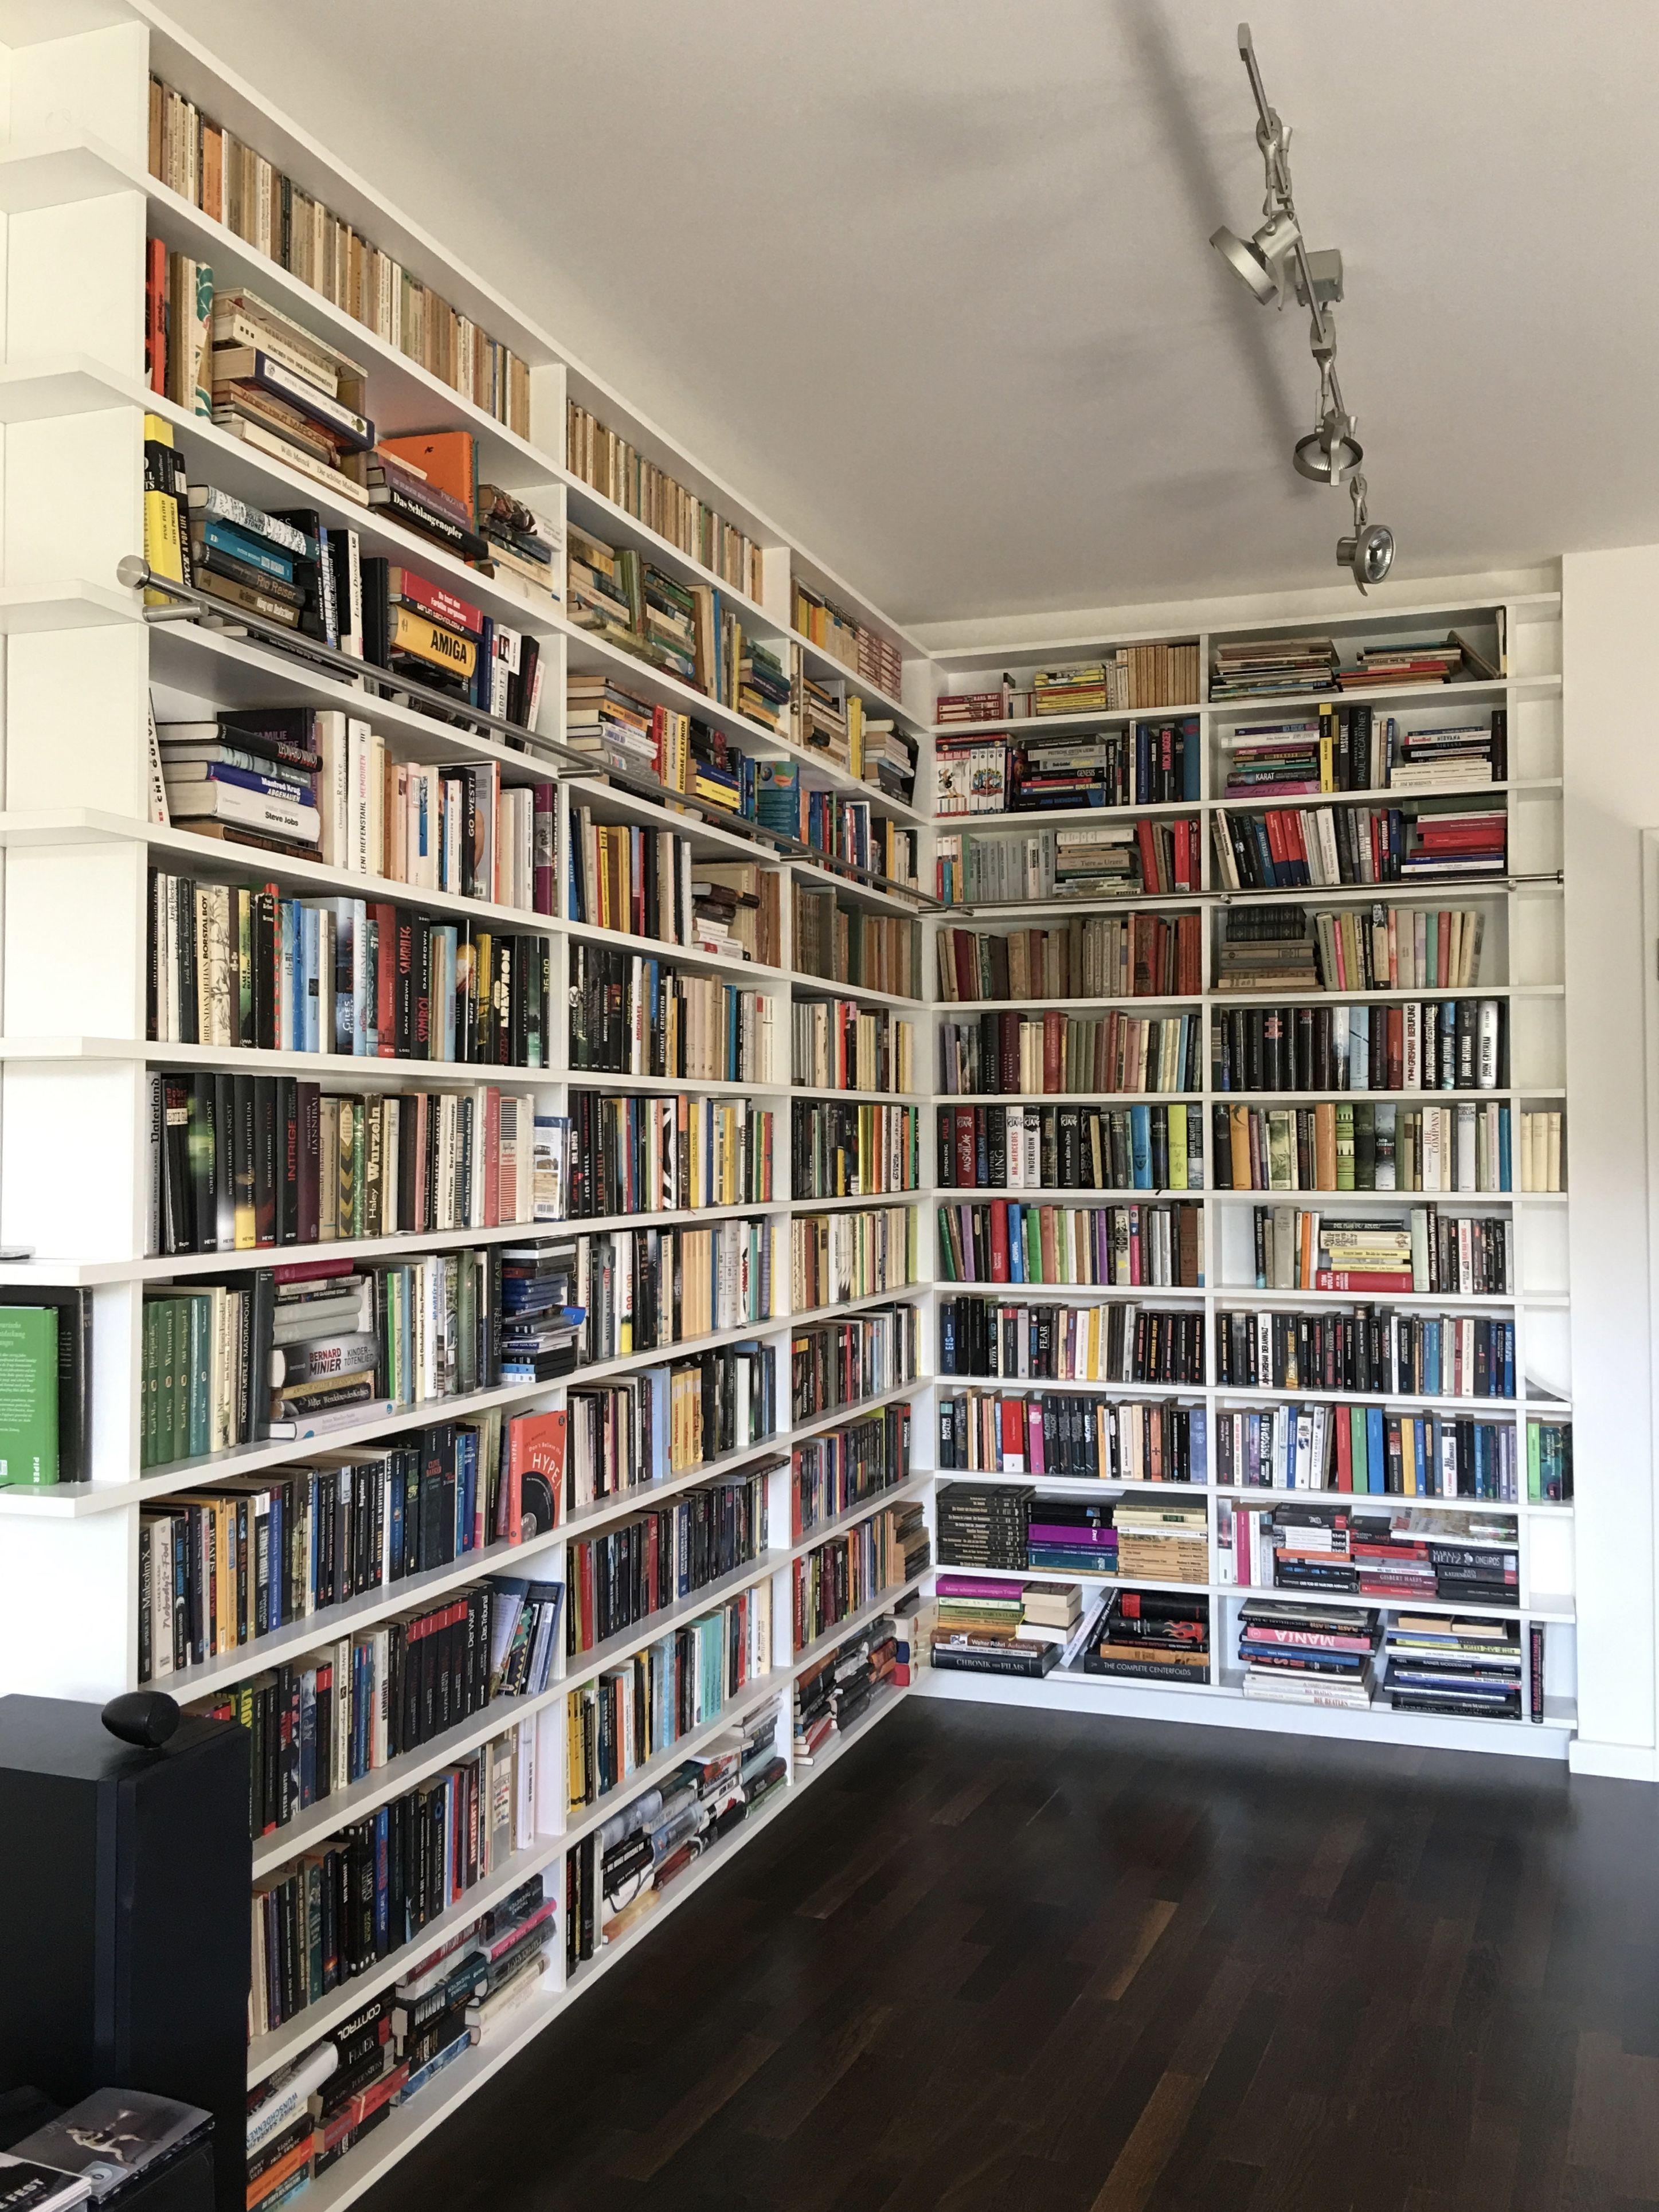 Bücherregal über Eck Wandhängend Keine Sichtbaren Schrauben Oder Verbinder Eck Bücherregal Wohnzimmer Regal Bücherregal Ideen